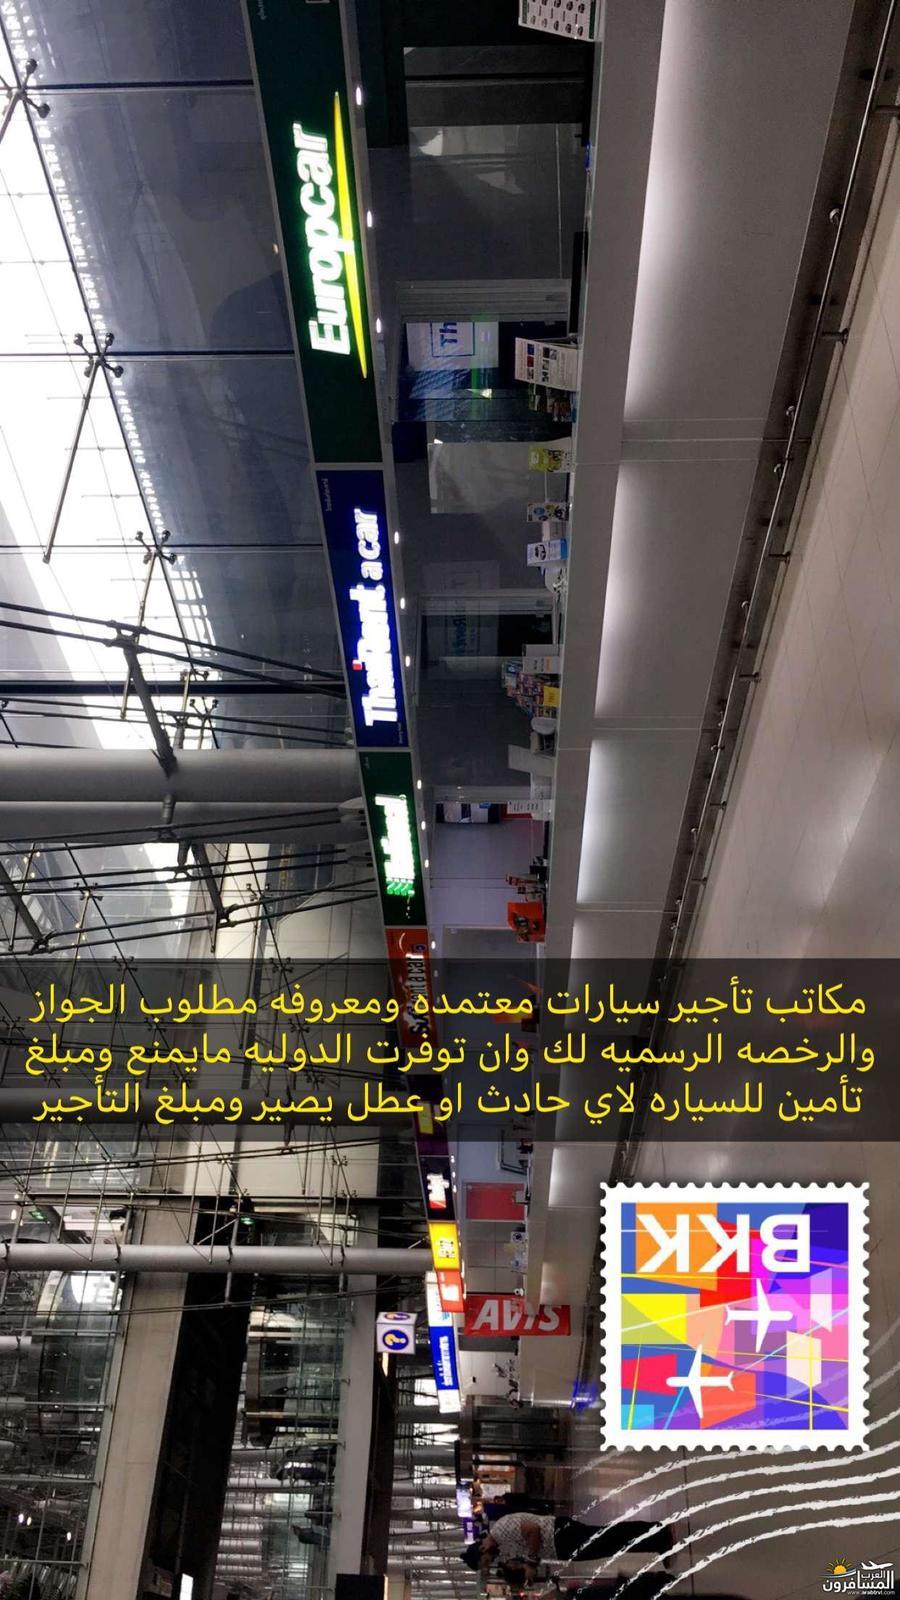 arabtrvl1507848209233.jpg